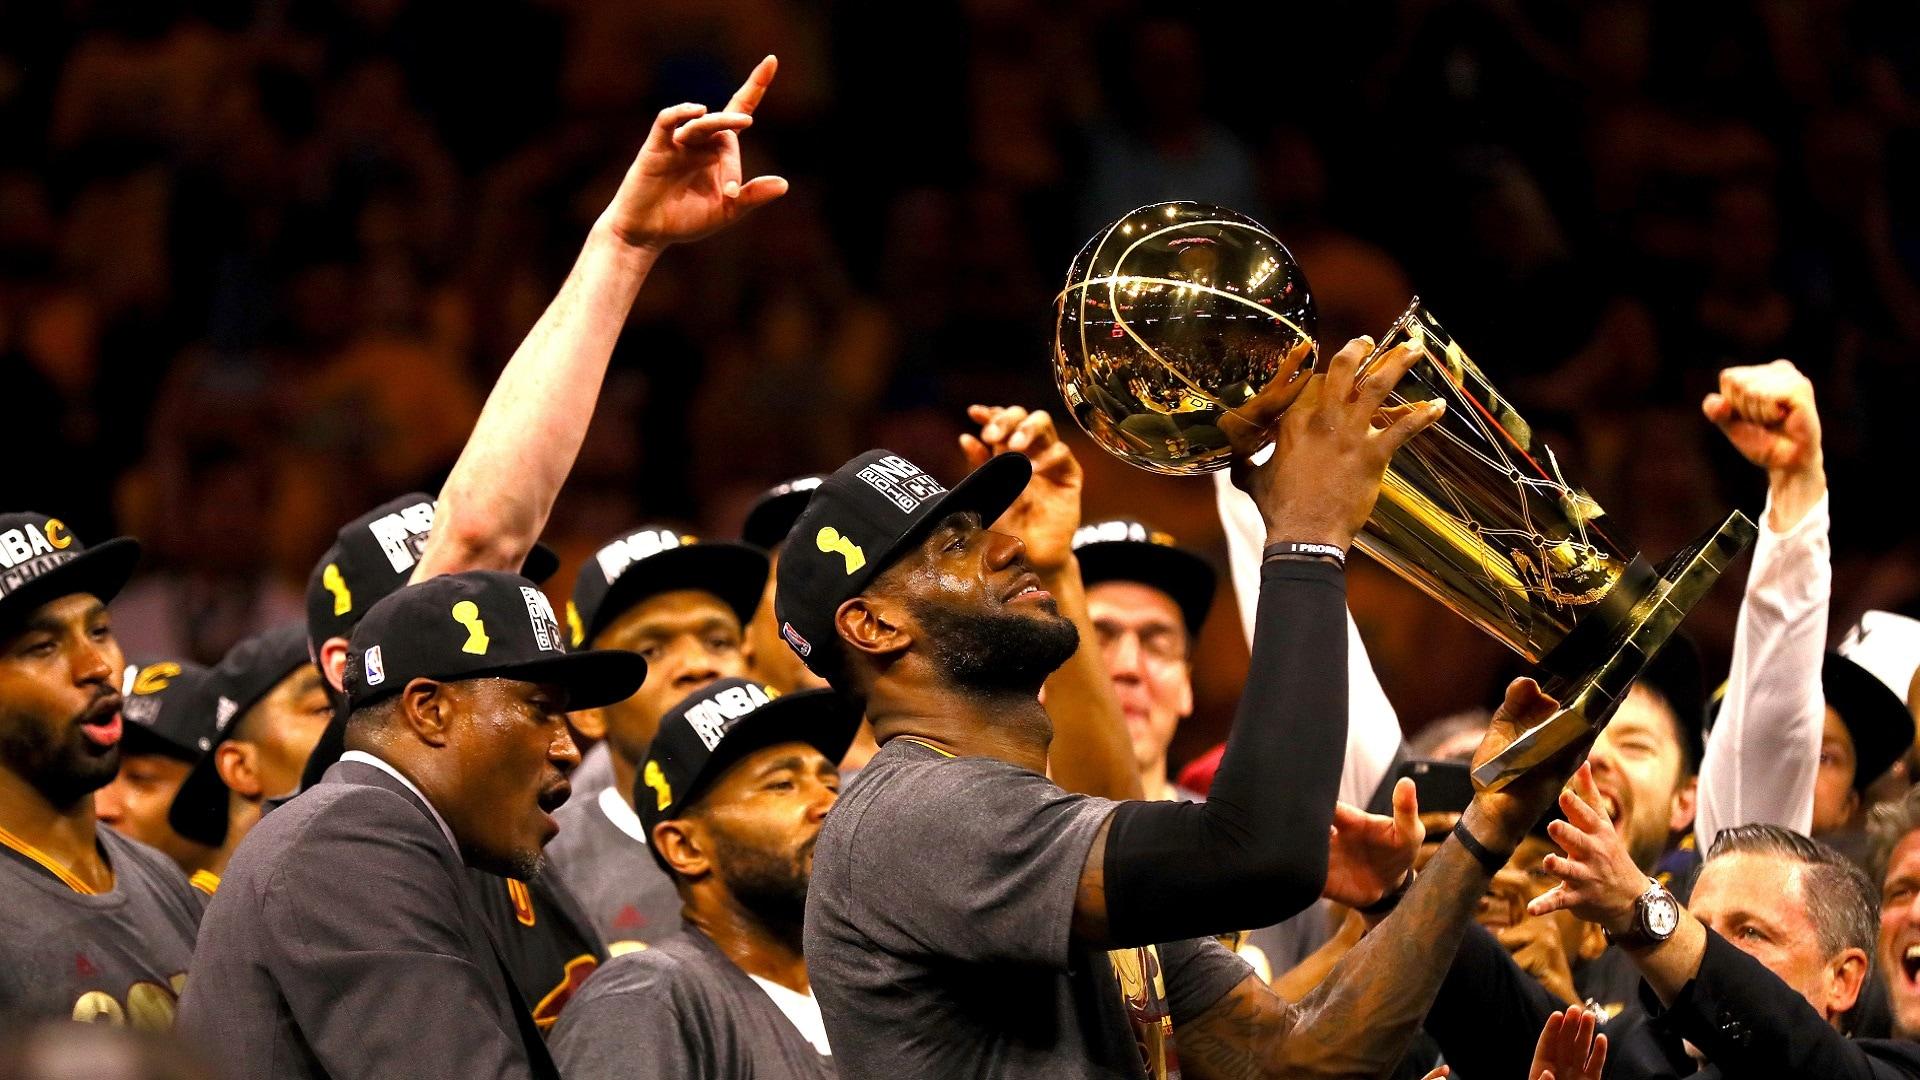 NBA Top Moments: 2010s